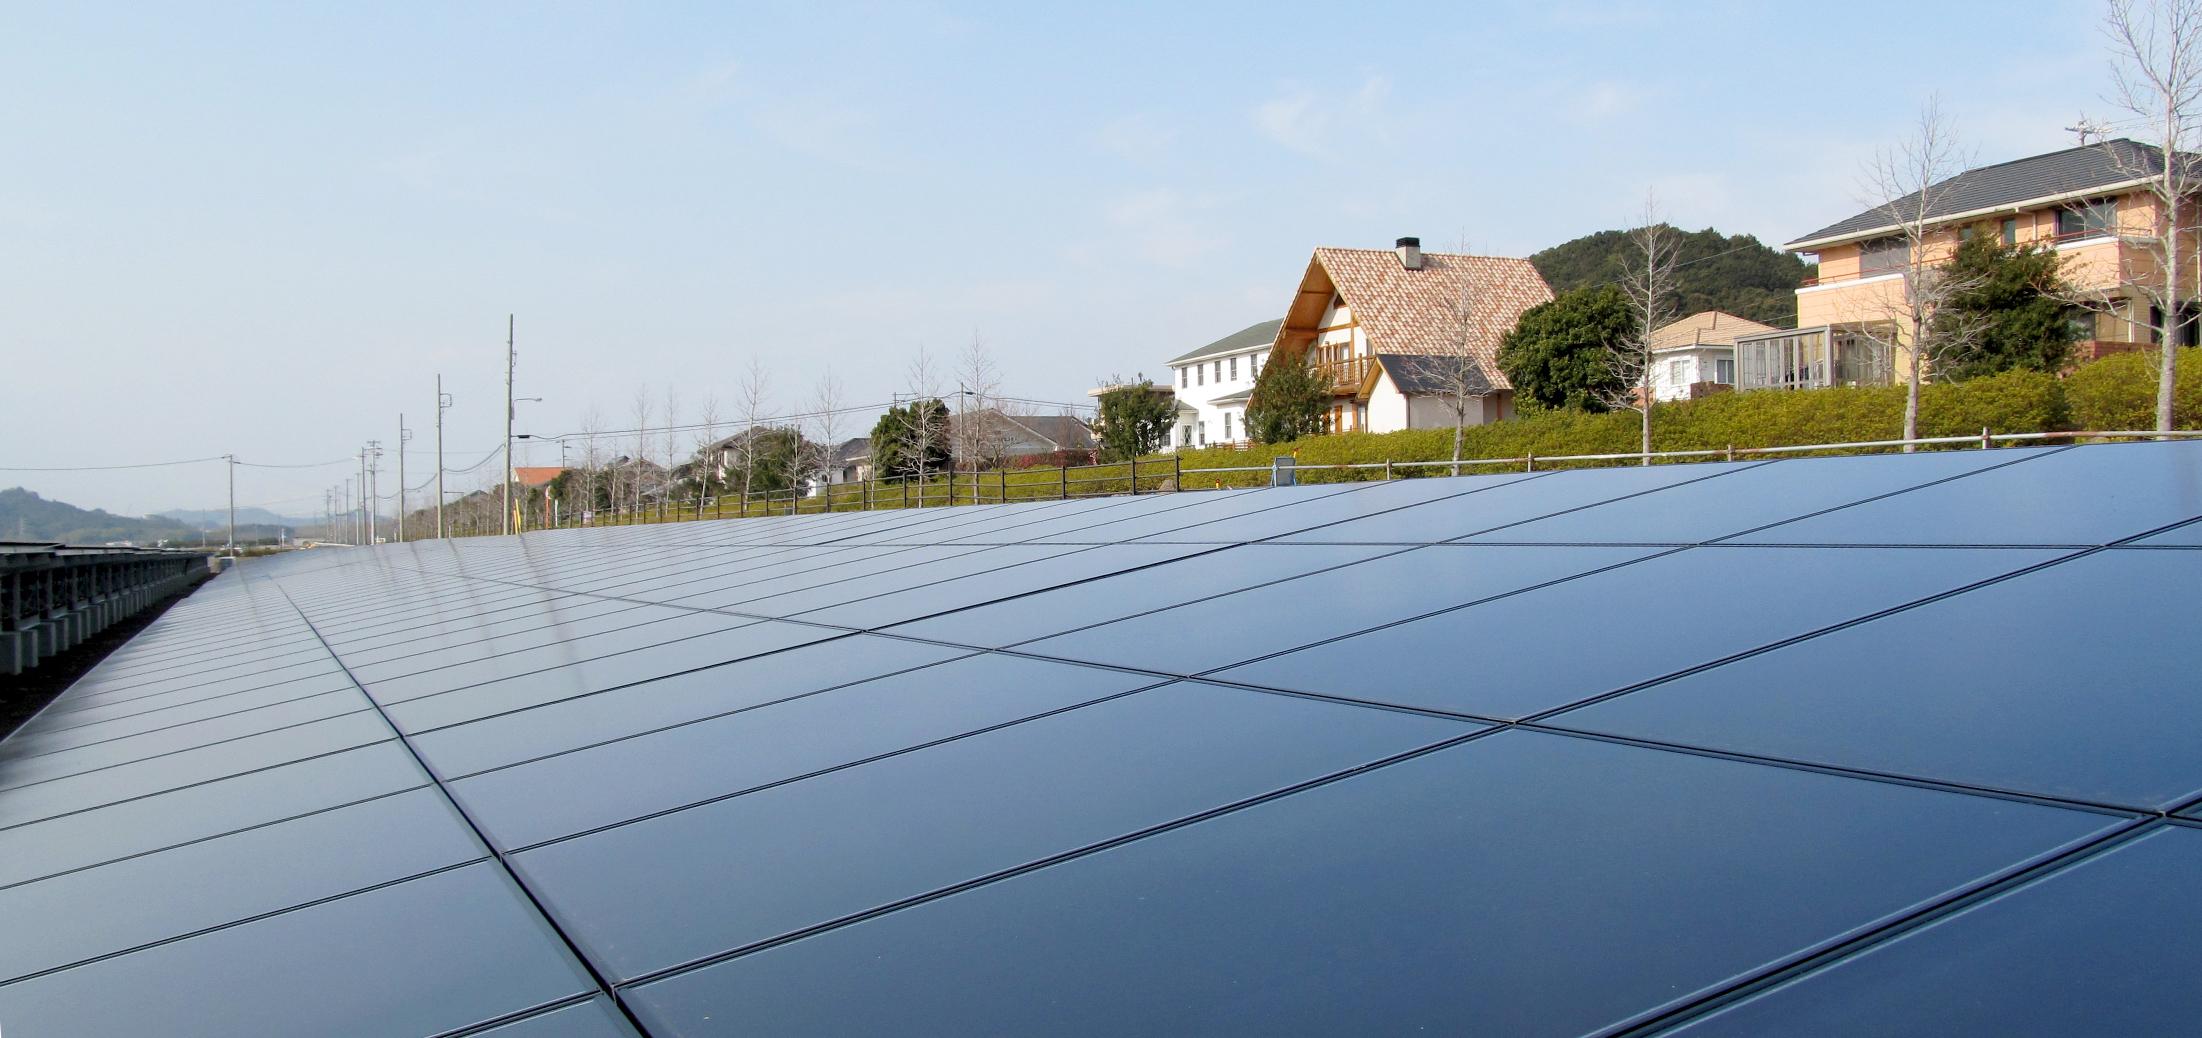 環境に優しいクリーンエネルギーへの取り組み